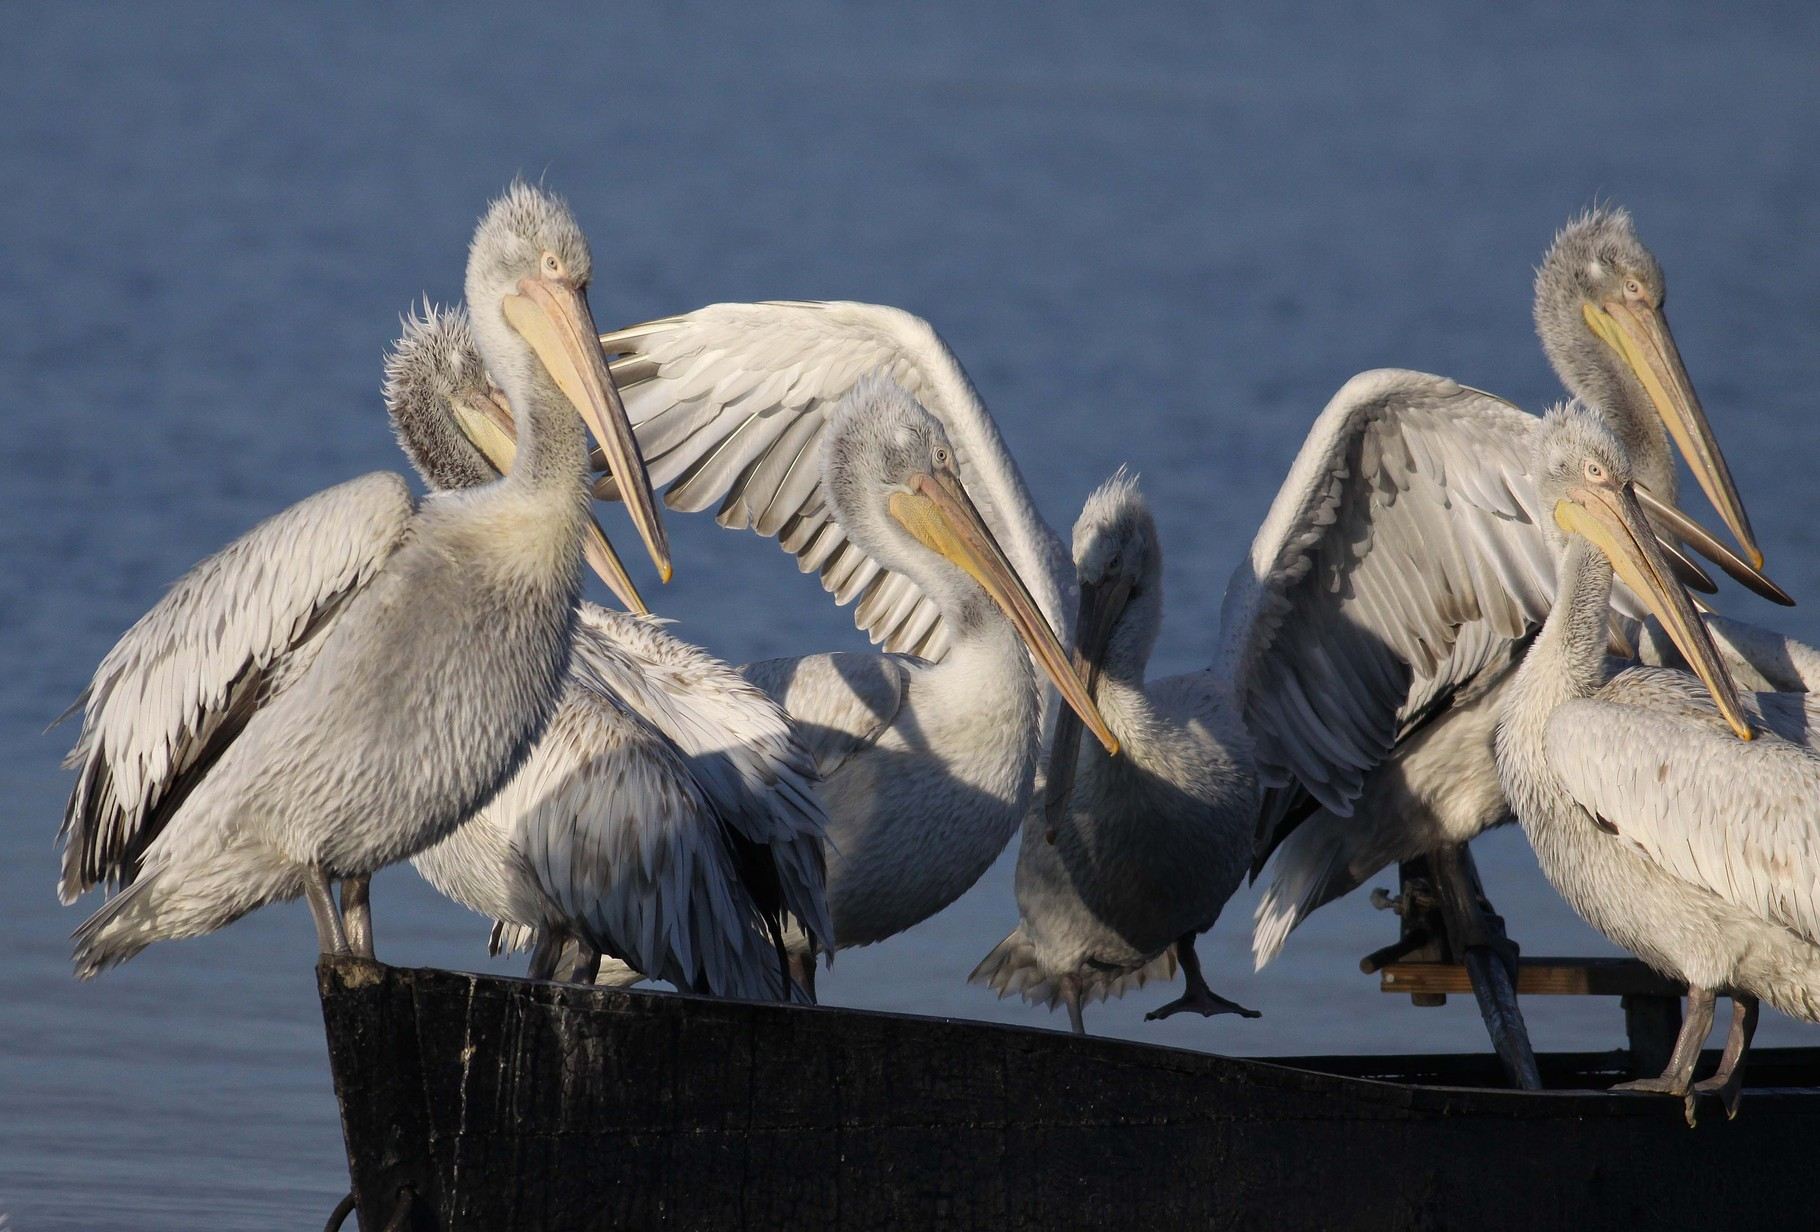 Krauskopfpelikane auf einem Fischerboot: Dank der Akzeptanz durch die Fischer hat eine der am stärksten bedrohten Vogelarten Europas eine neue Brutkolonie etabliert.